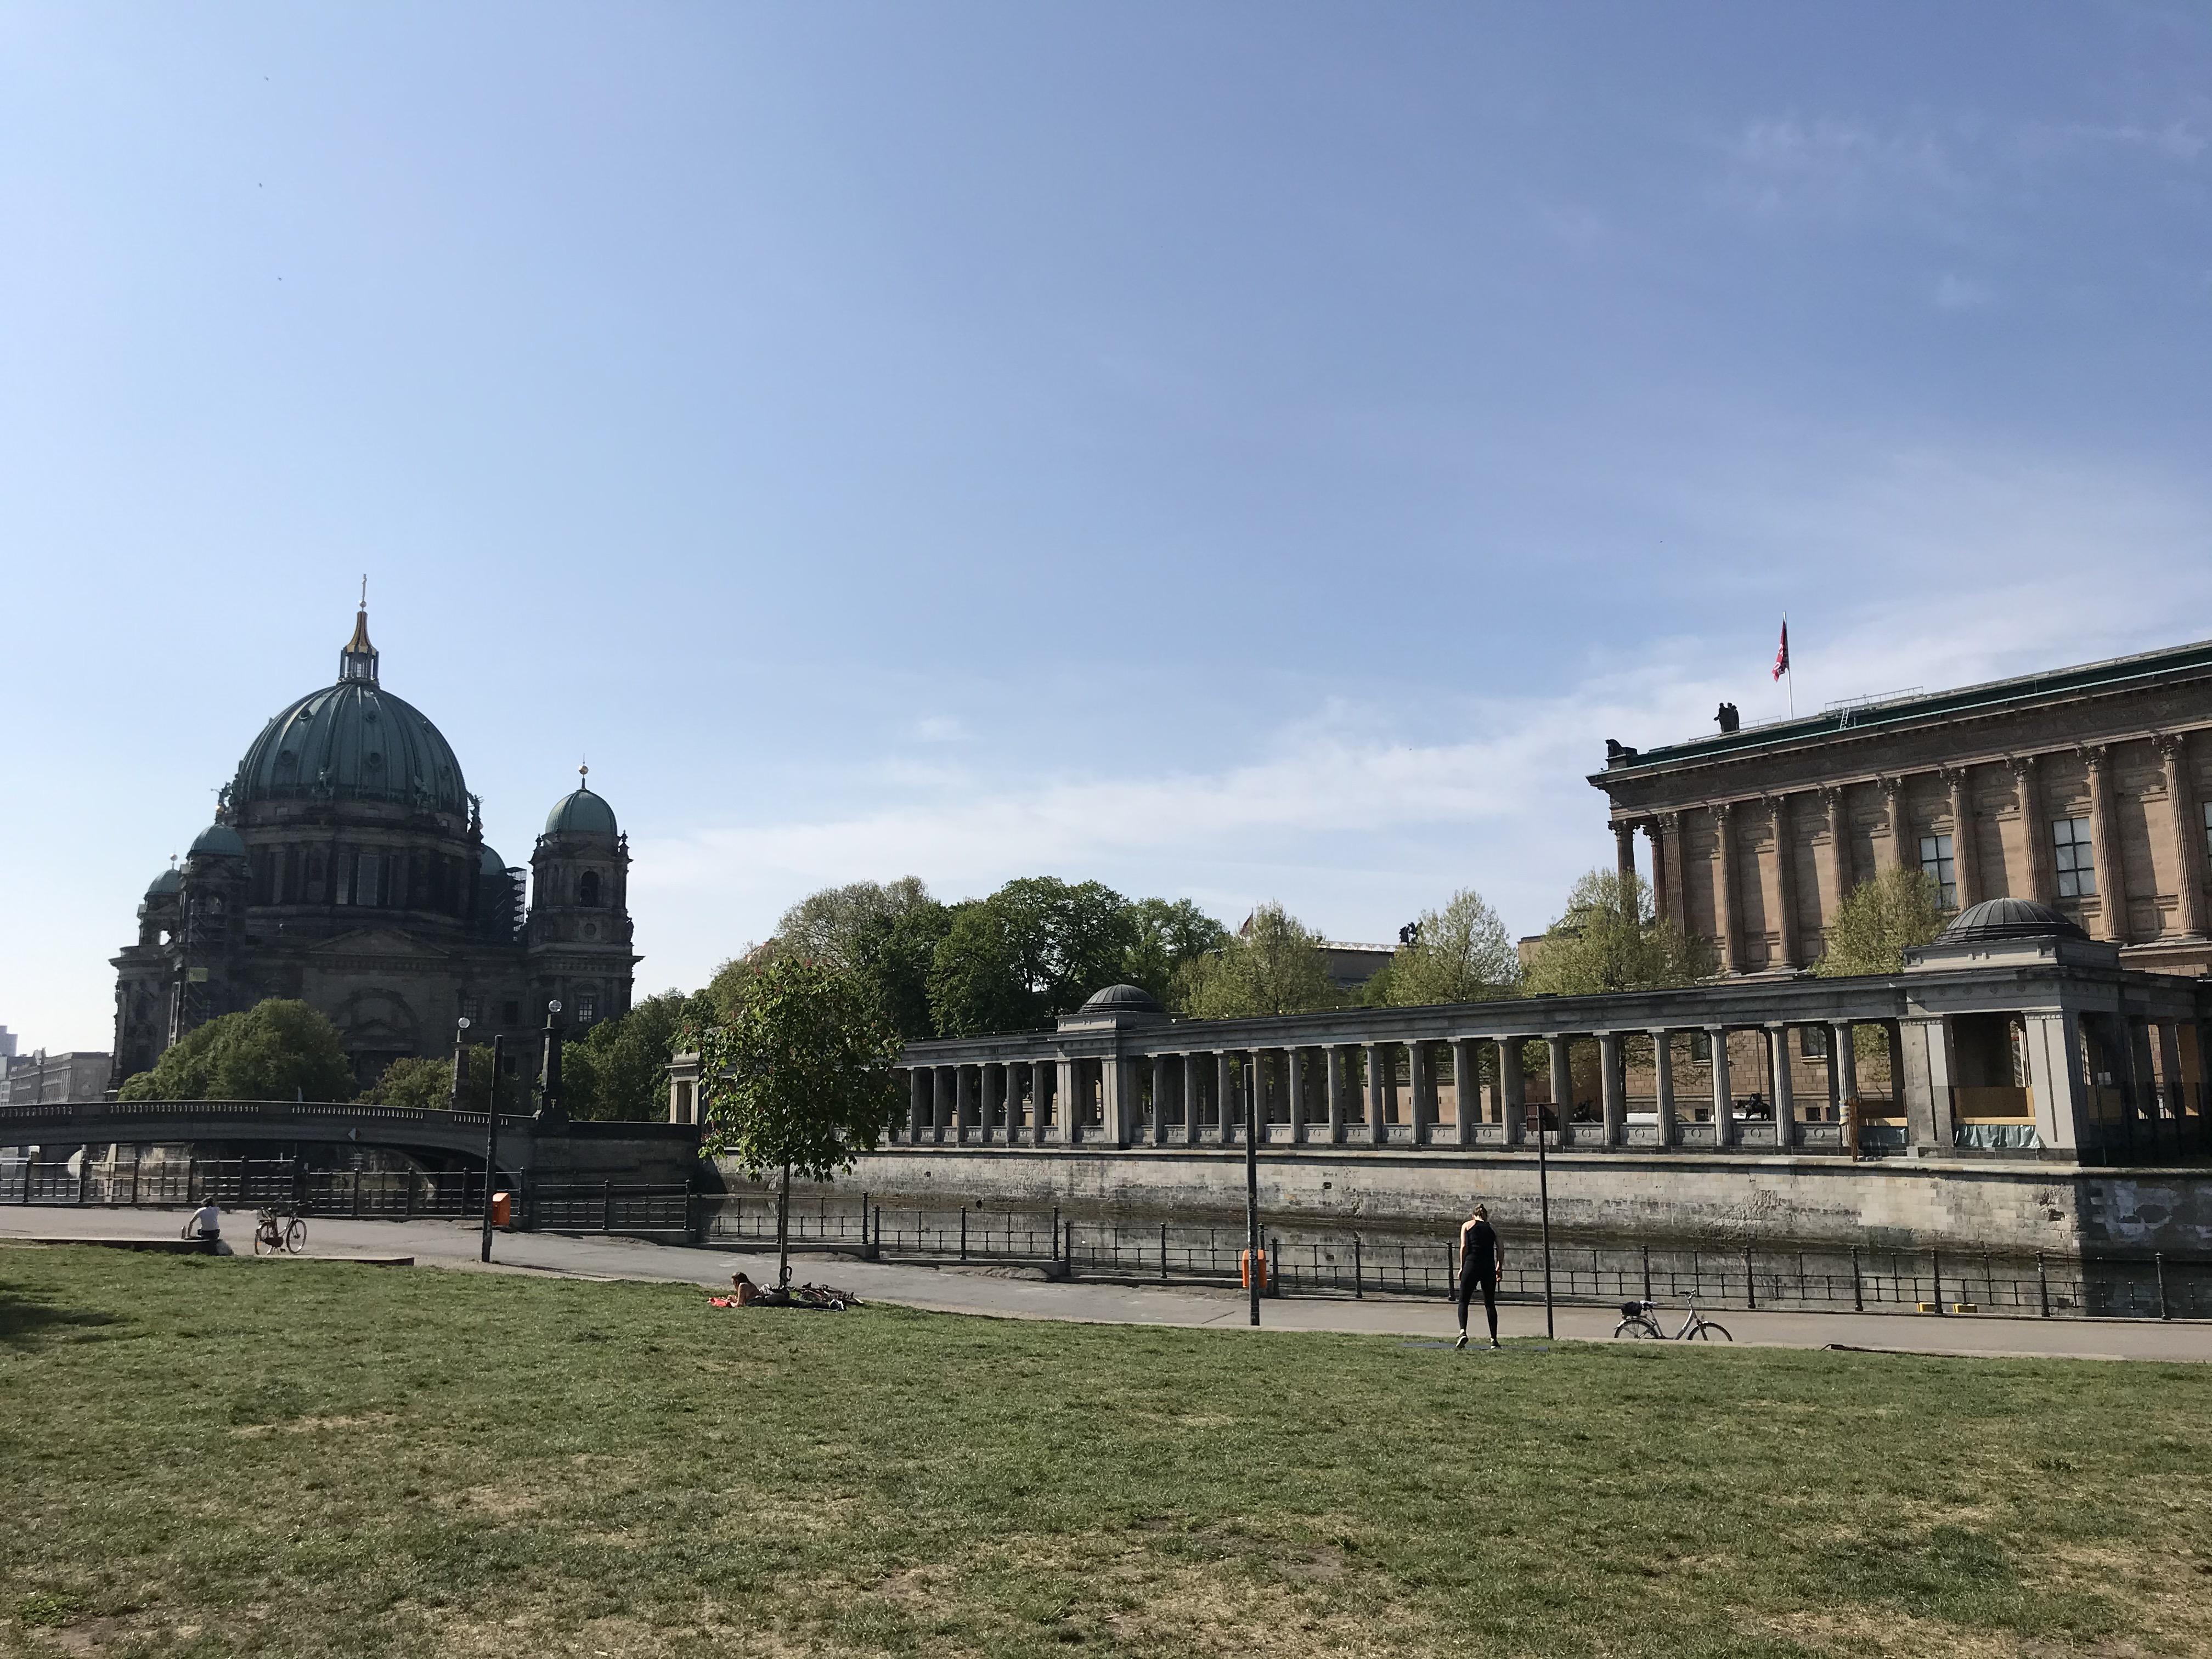 vista-duomo-berlino-isola-musei-james-simon-park